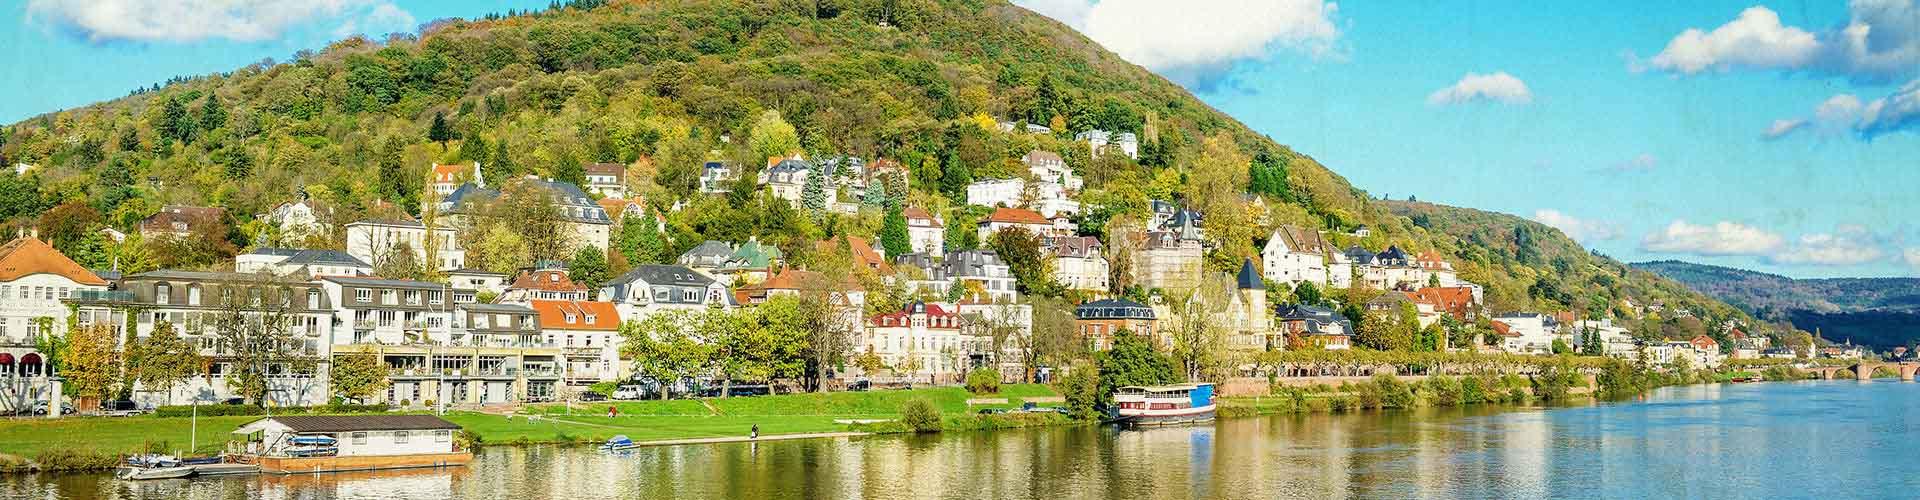 Heidelberg - Apartamentos en Heidelberg. Mapas de Heidelberg, Fotos y comentarios para cada Apartamento en Heidelberg.